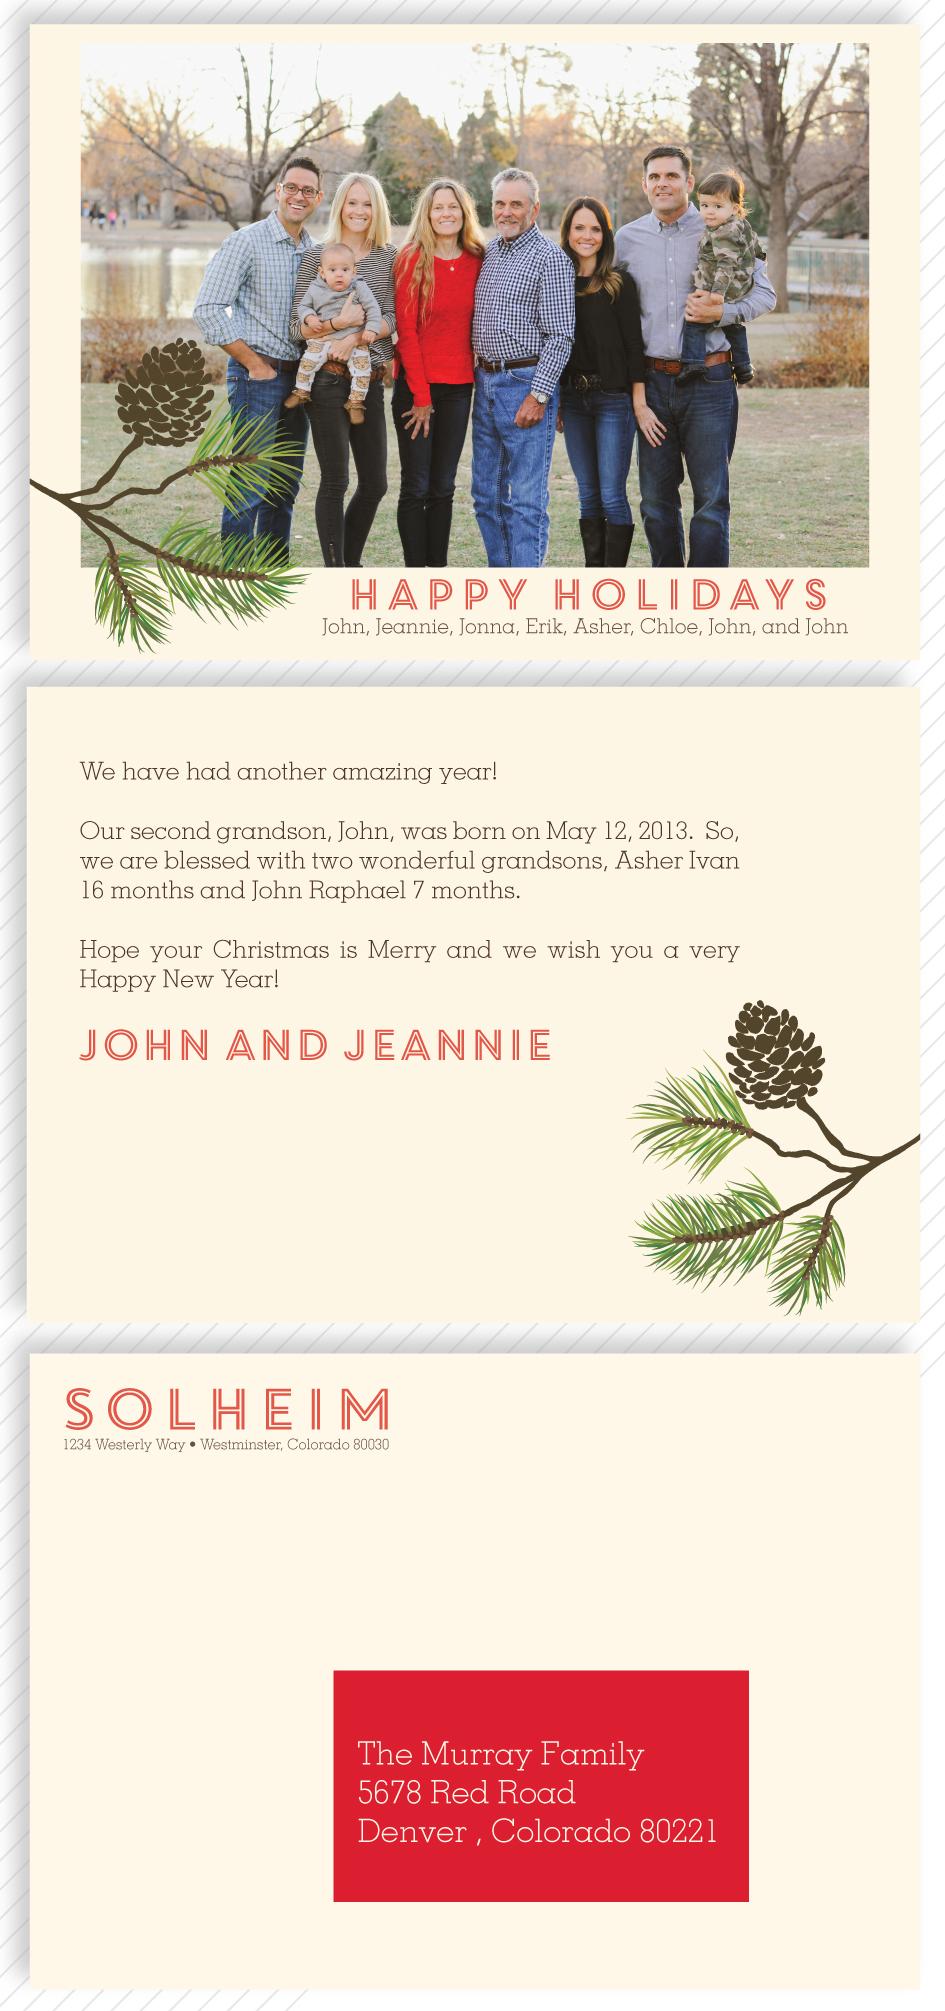 solheim-holiday-card-2013-blog-flickr.jpg